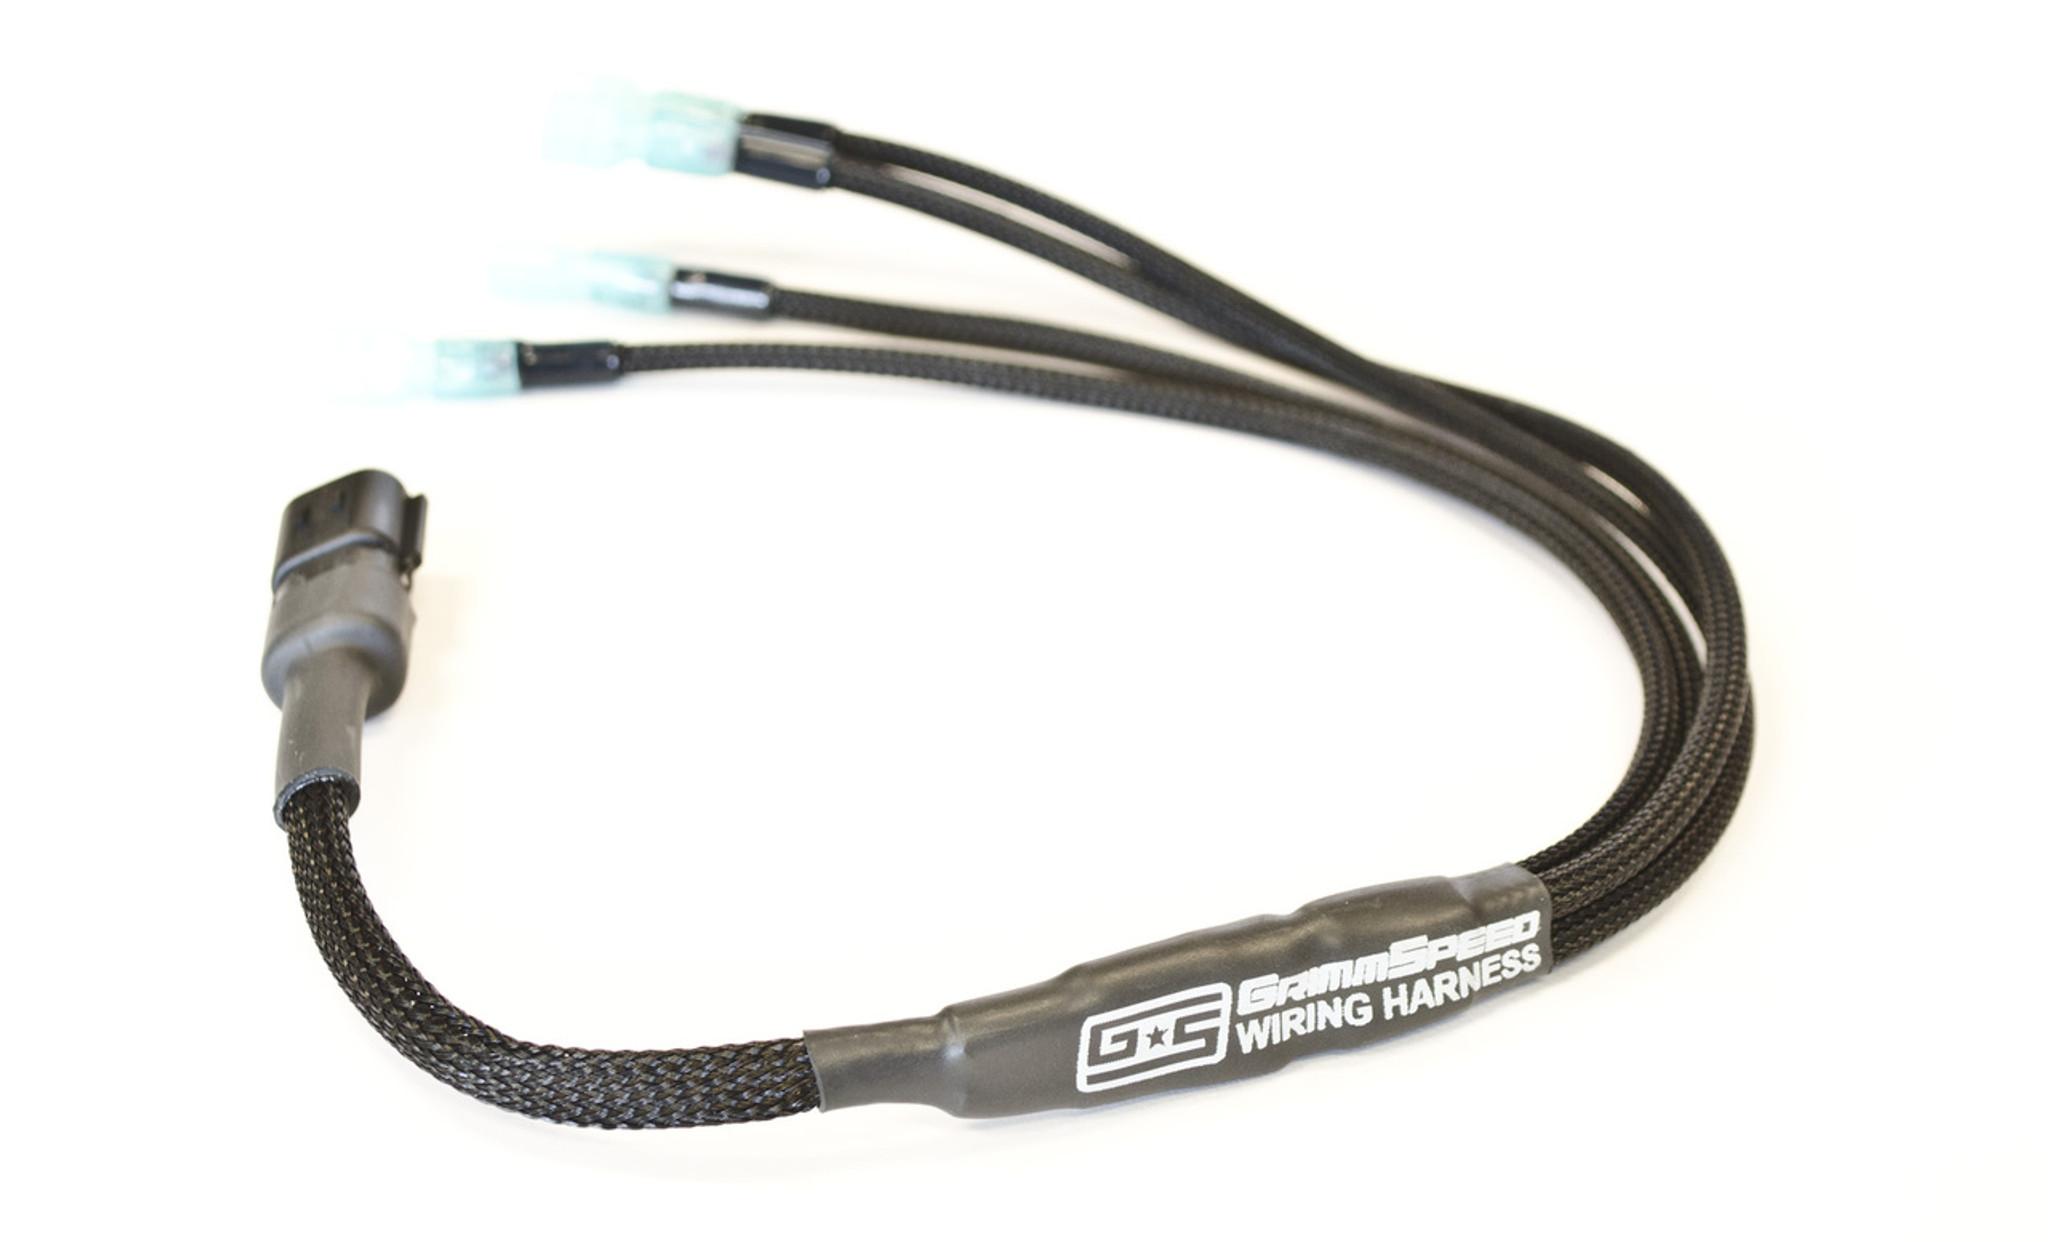 Hella Horn Wiring Harness 15 17 Wrx Sti Grimmspeed Installation